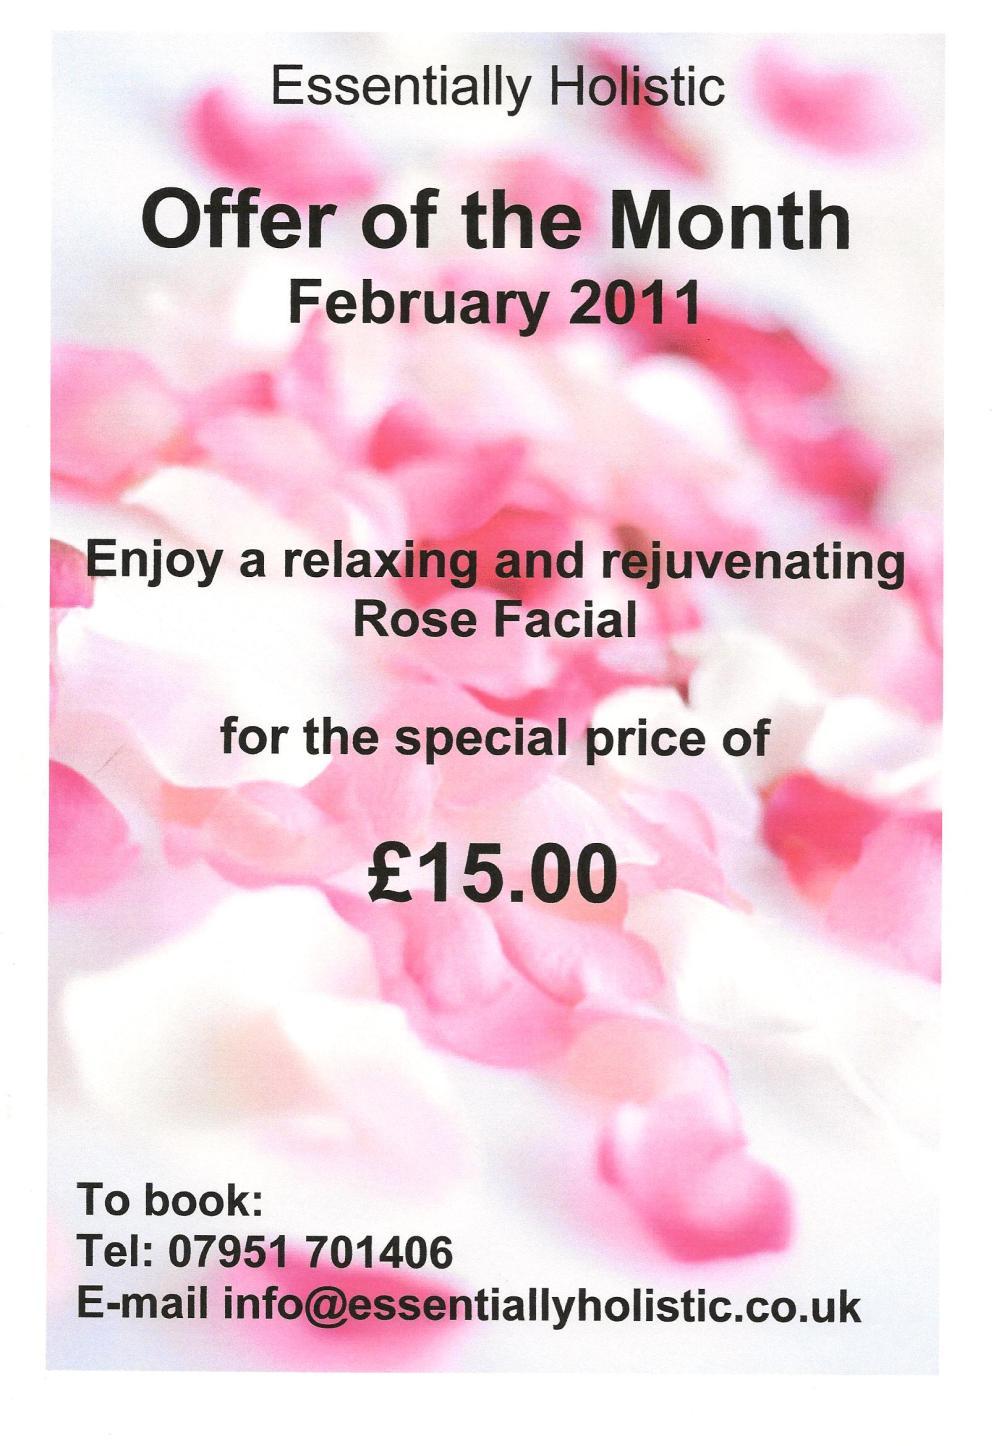 February offer - Rose Facial